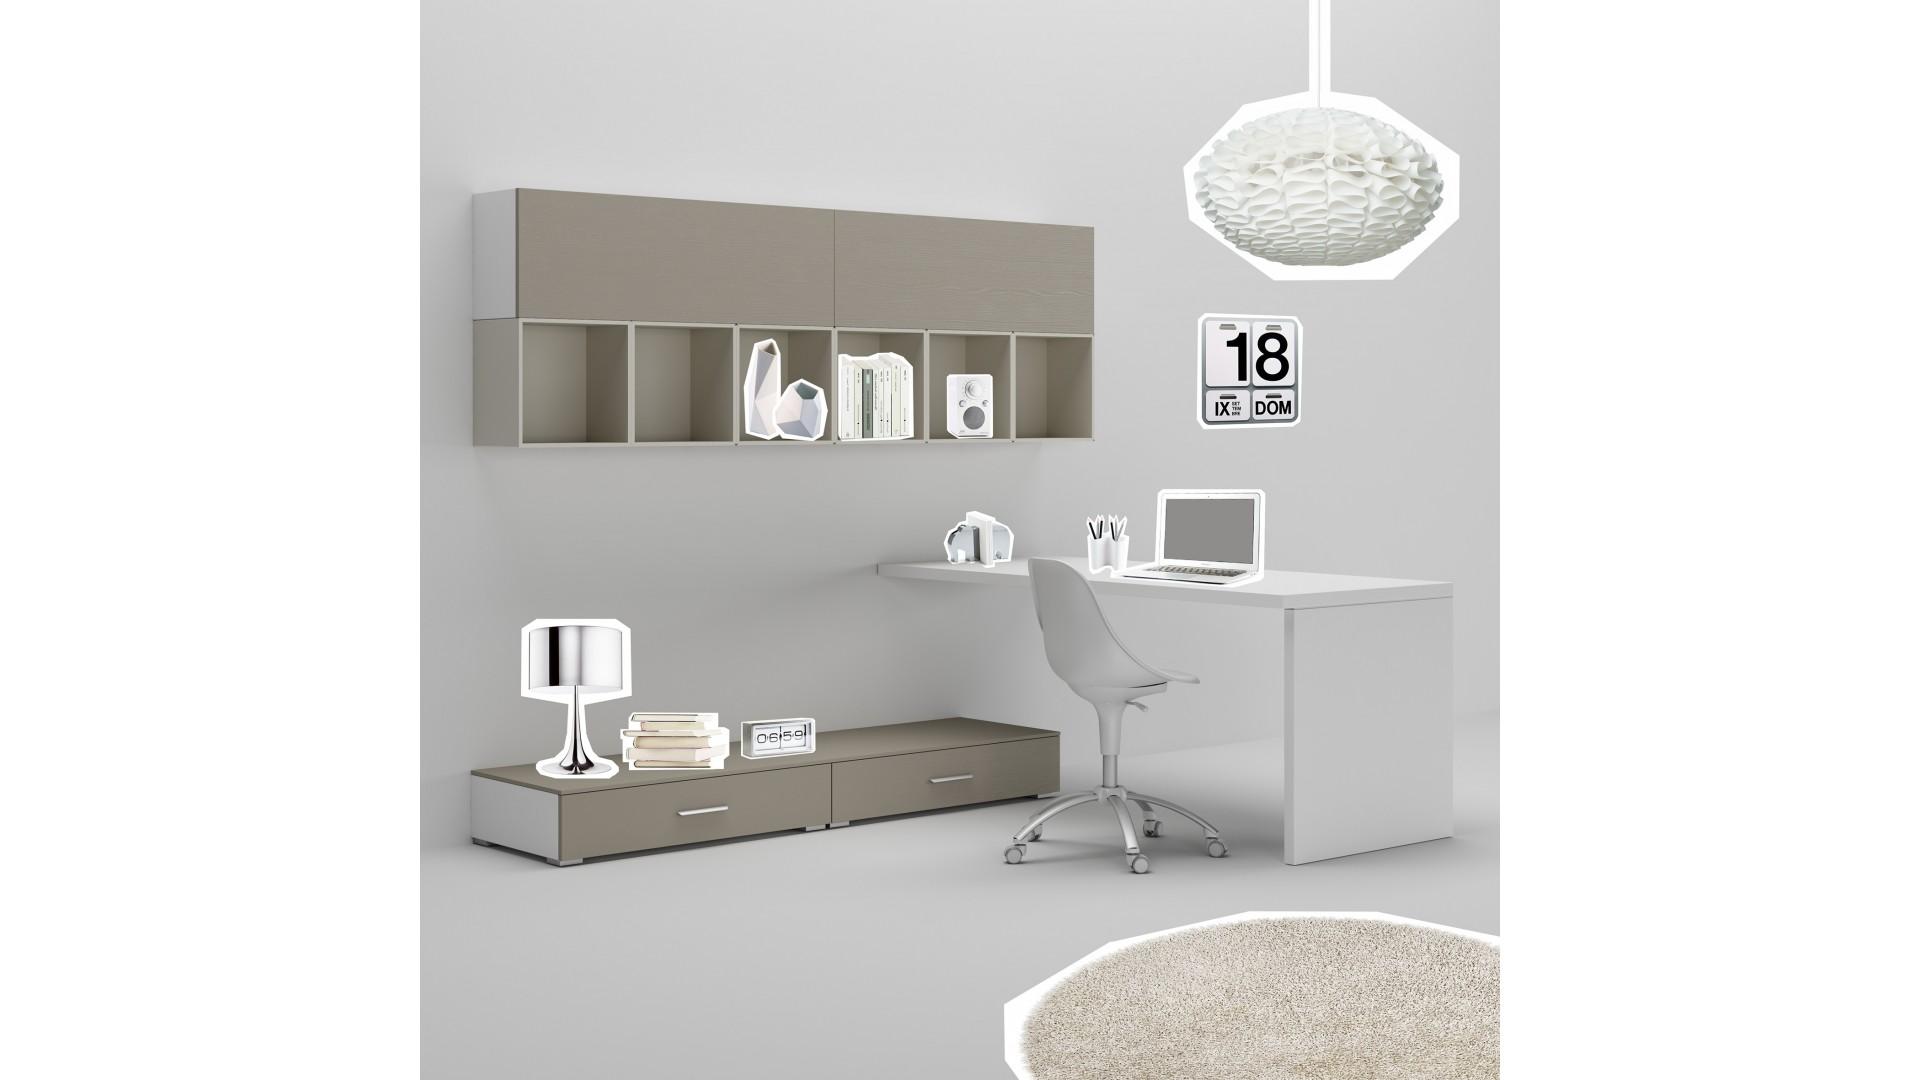 Bureau ado PERSONNALISABLE WS005 avec module bas surbaissé et meubles hauts avec niches - MORETTI COMPACT